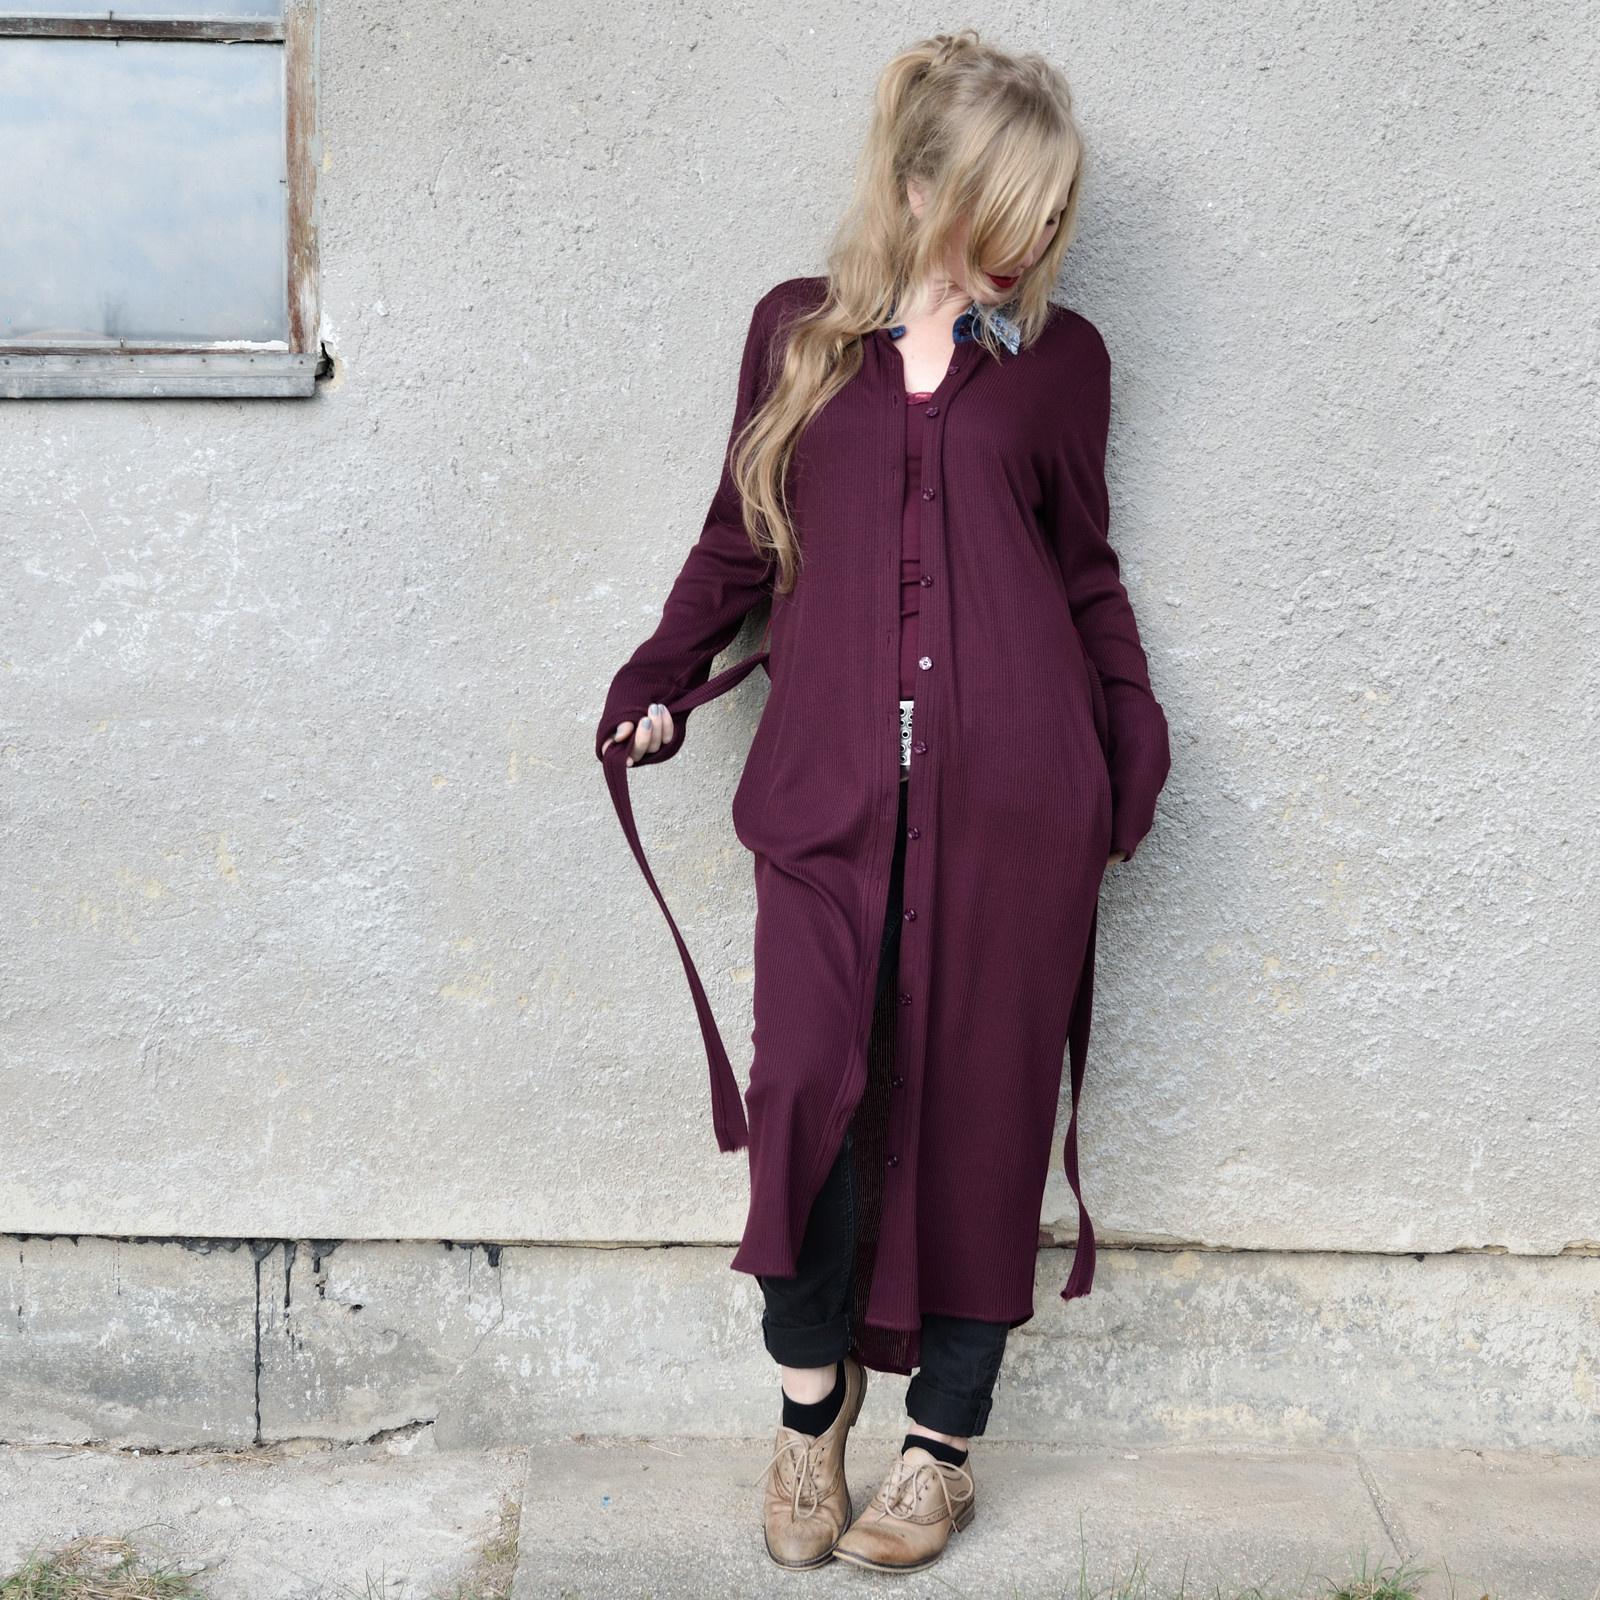 Dress Coat - úpletové šaty nebo lehký kabátek   Zboží prodejce ... 0ac1ad4deb